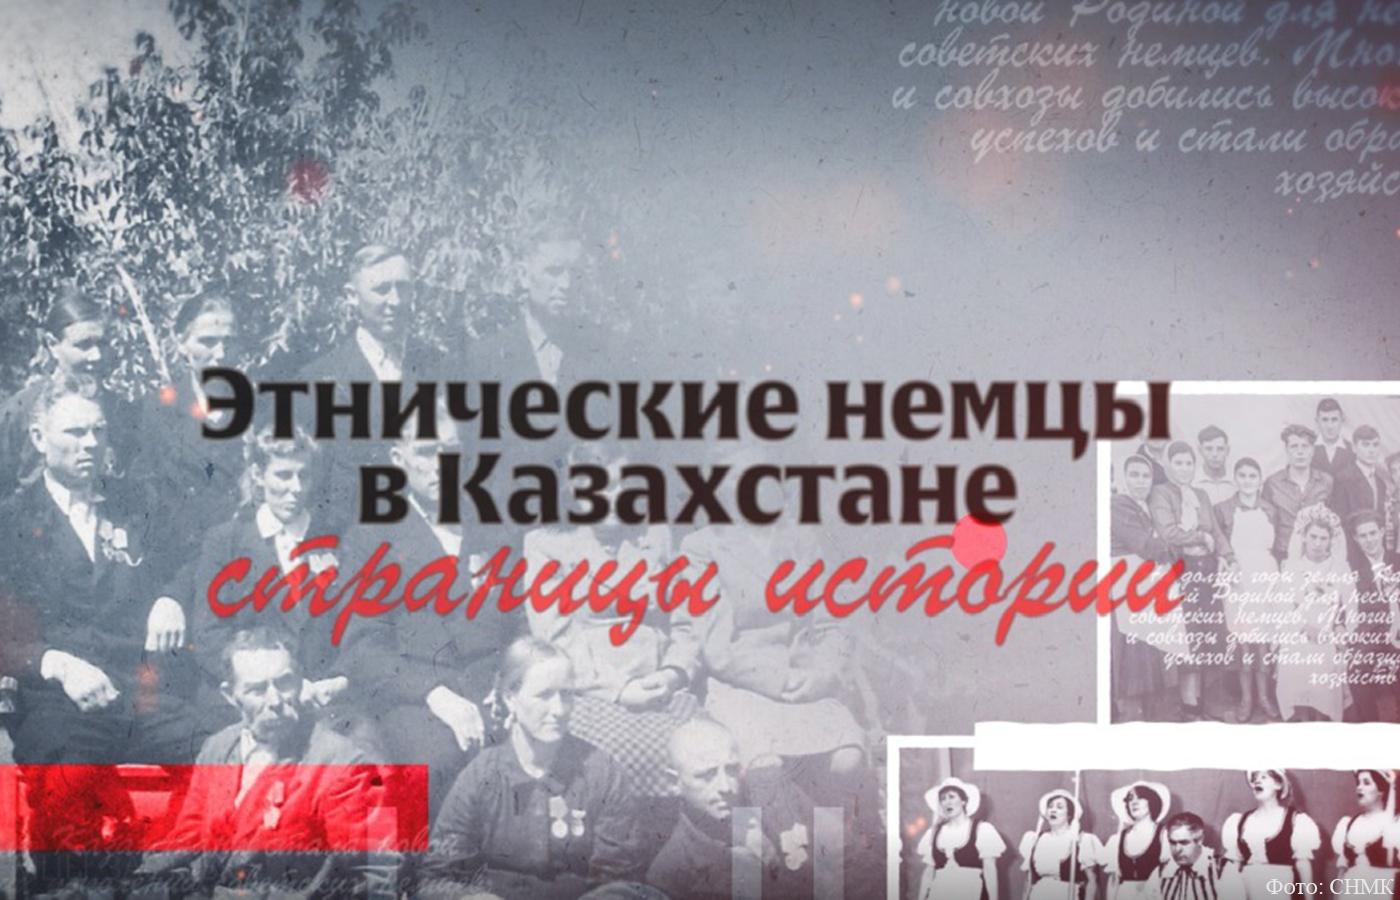 #TheaterDeutschJugendOnline — Этнические немцы Казахстана